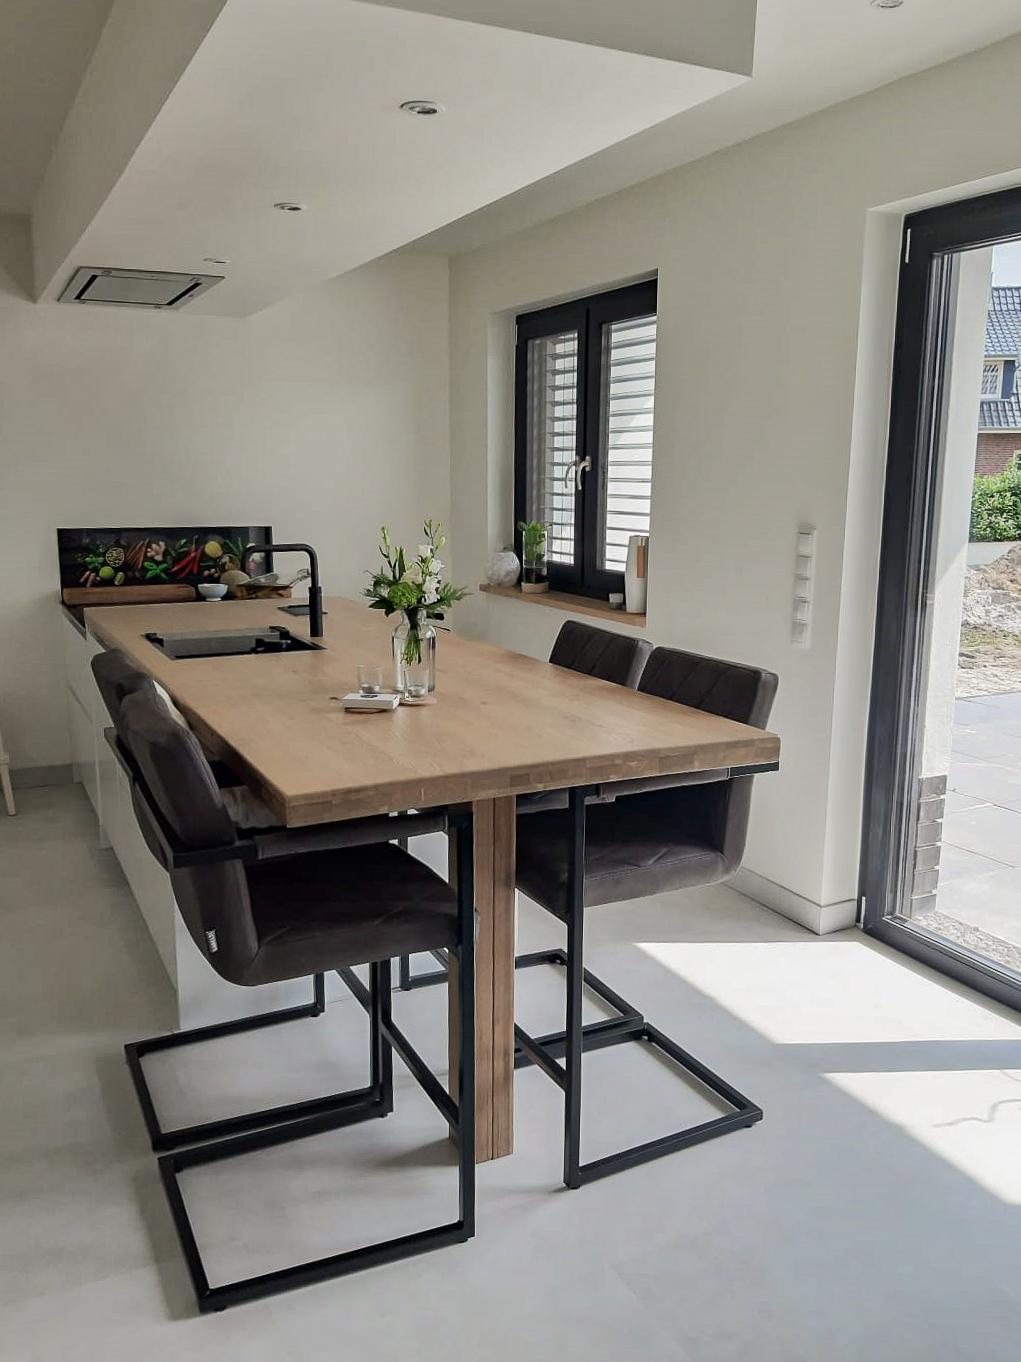 Van der Vinne Keukens - Projecten - Keuken in Laar